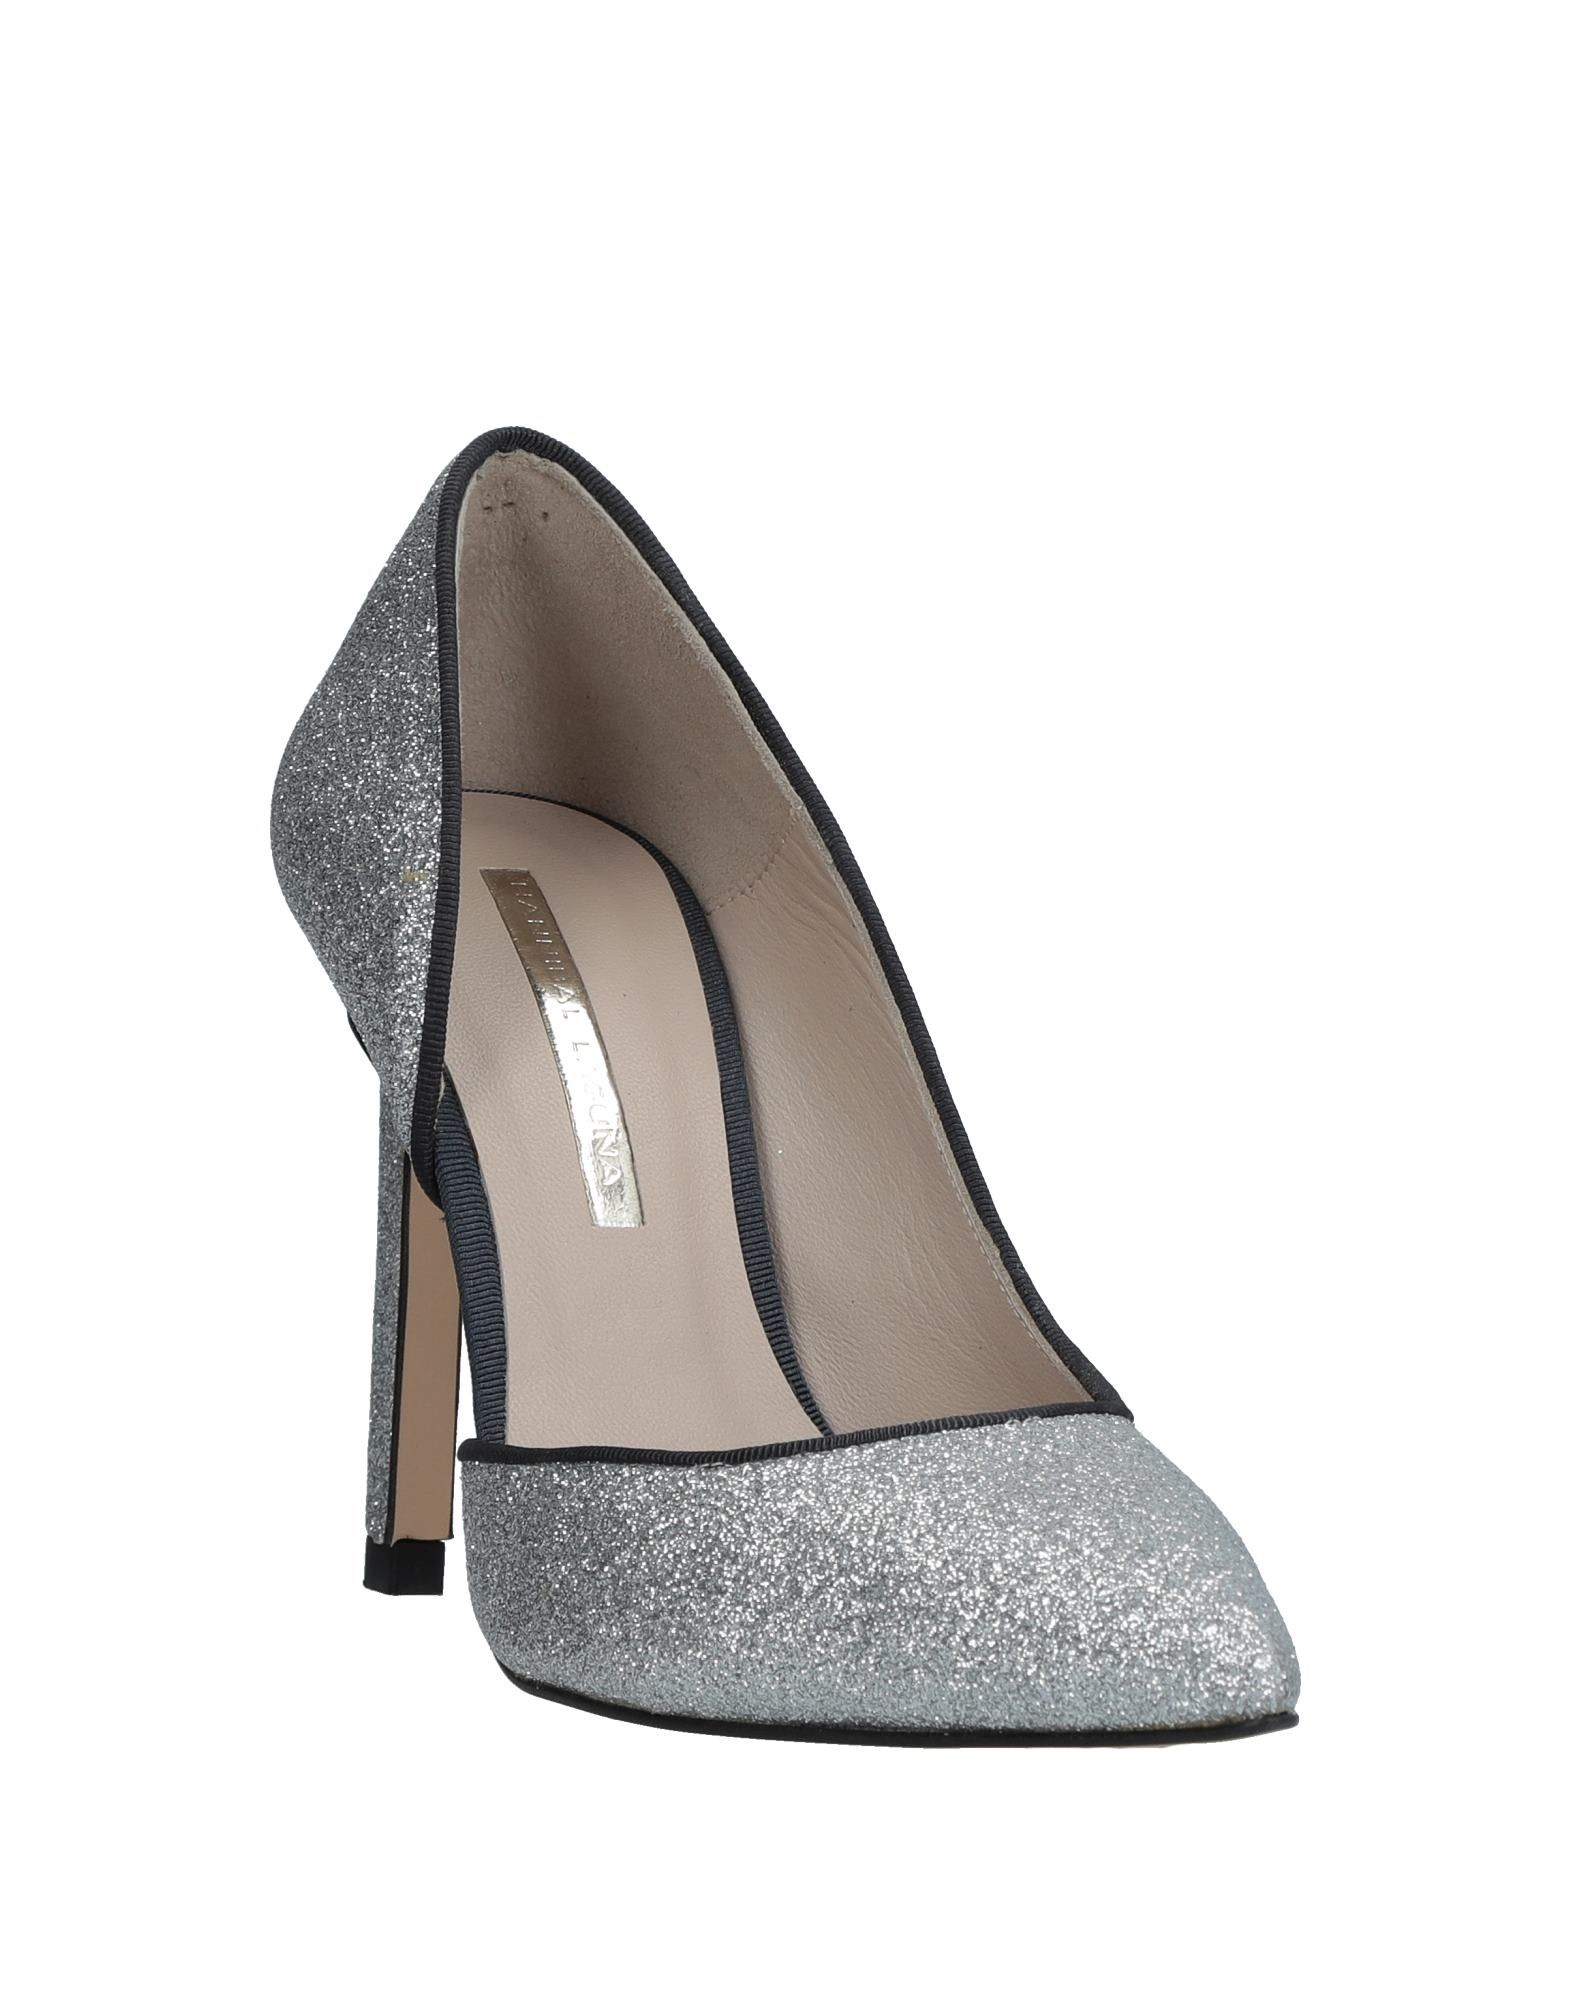 Hannibal 11541644WP Laguna Pumps Damen  11541644WP Hannibal Gute Qualität beliebte Schuhe c905f0